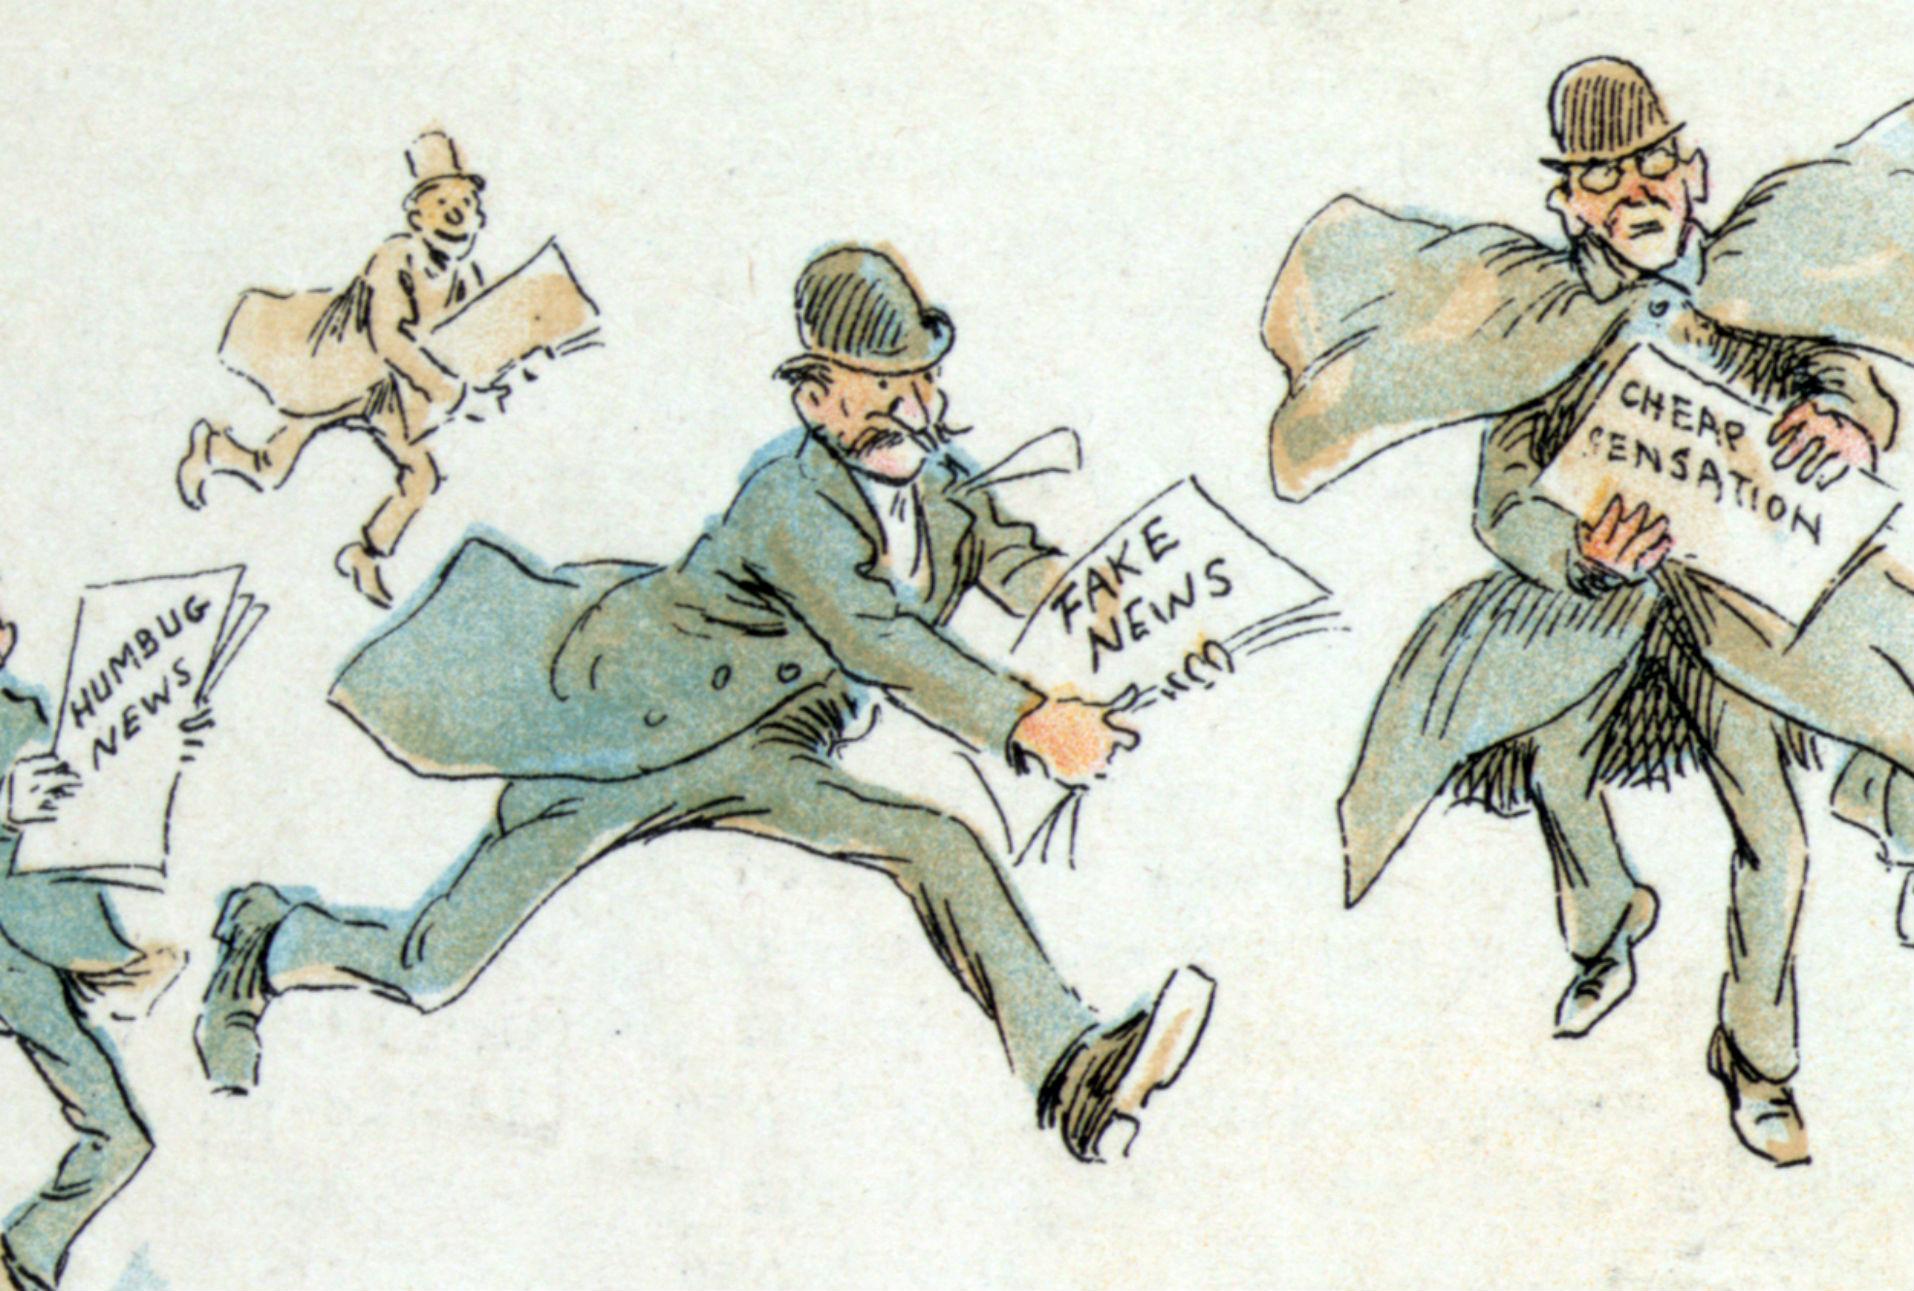 Desconfianza en medios tradicionales influye en la difusión de la desinformación en línea, señala estudio de BBC